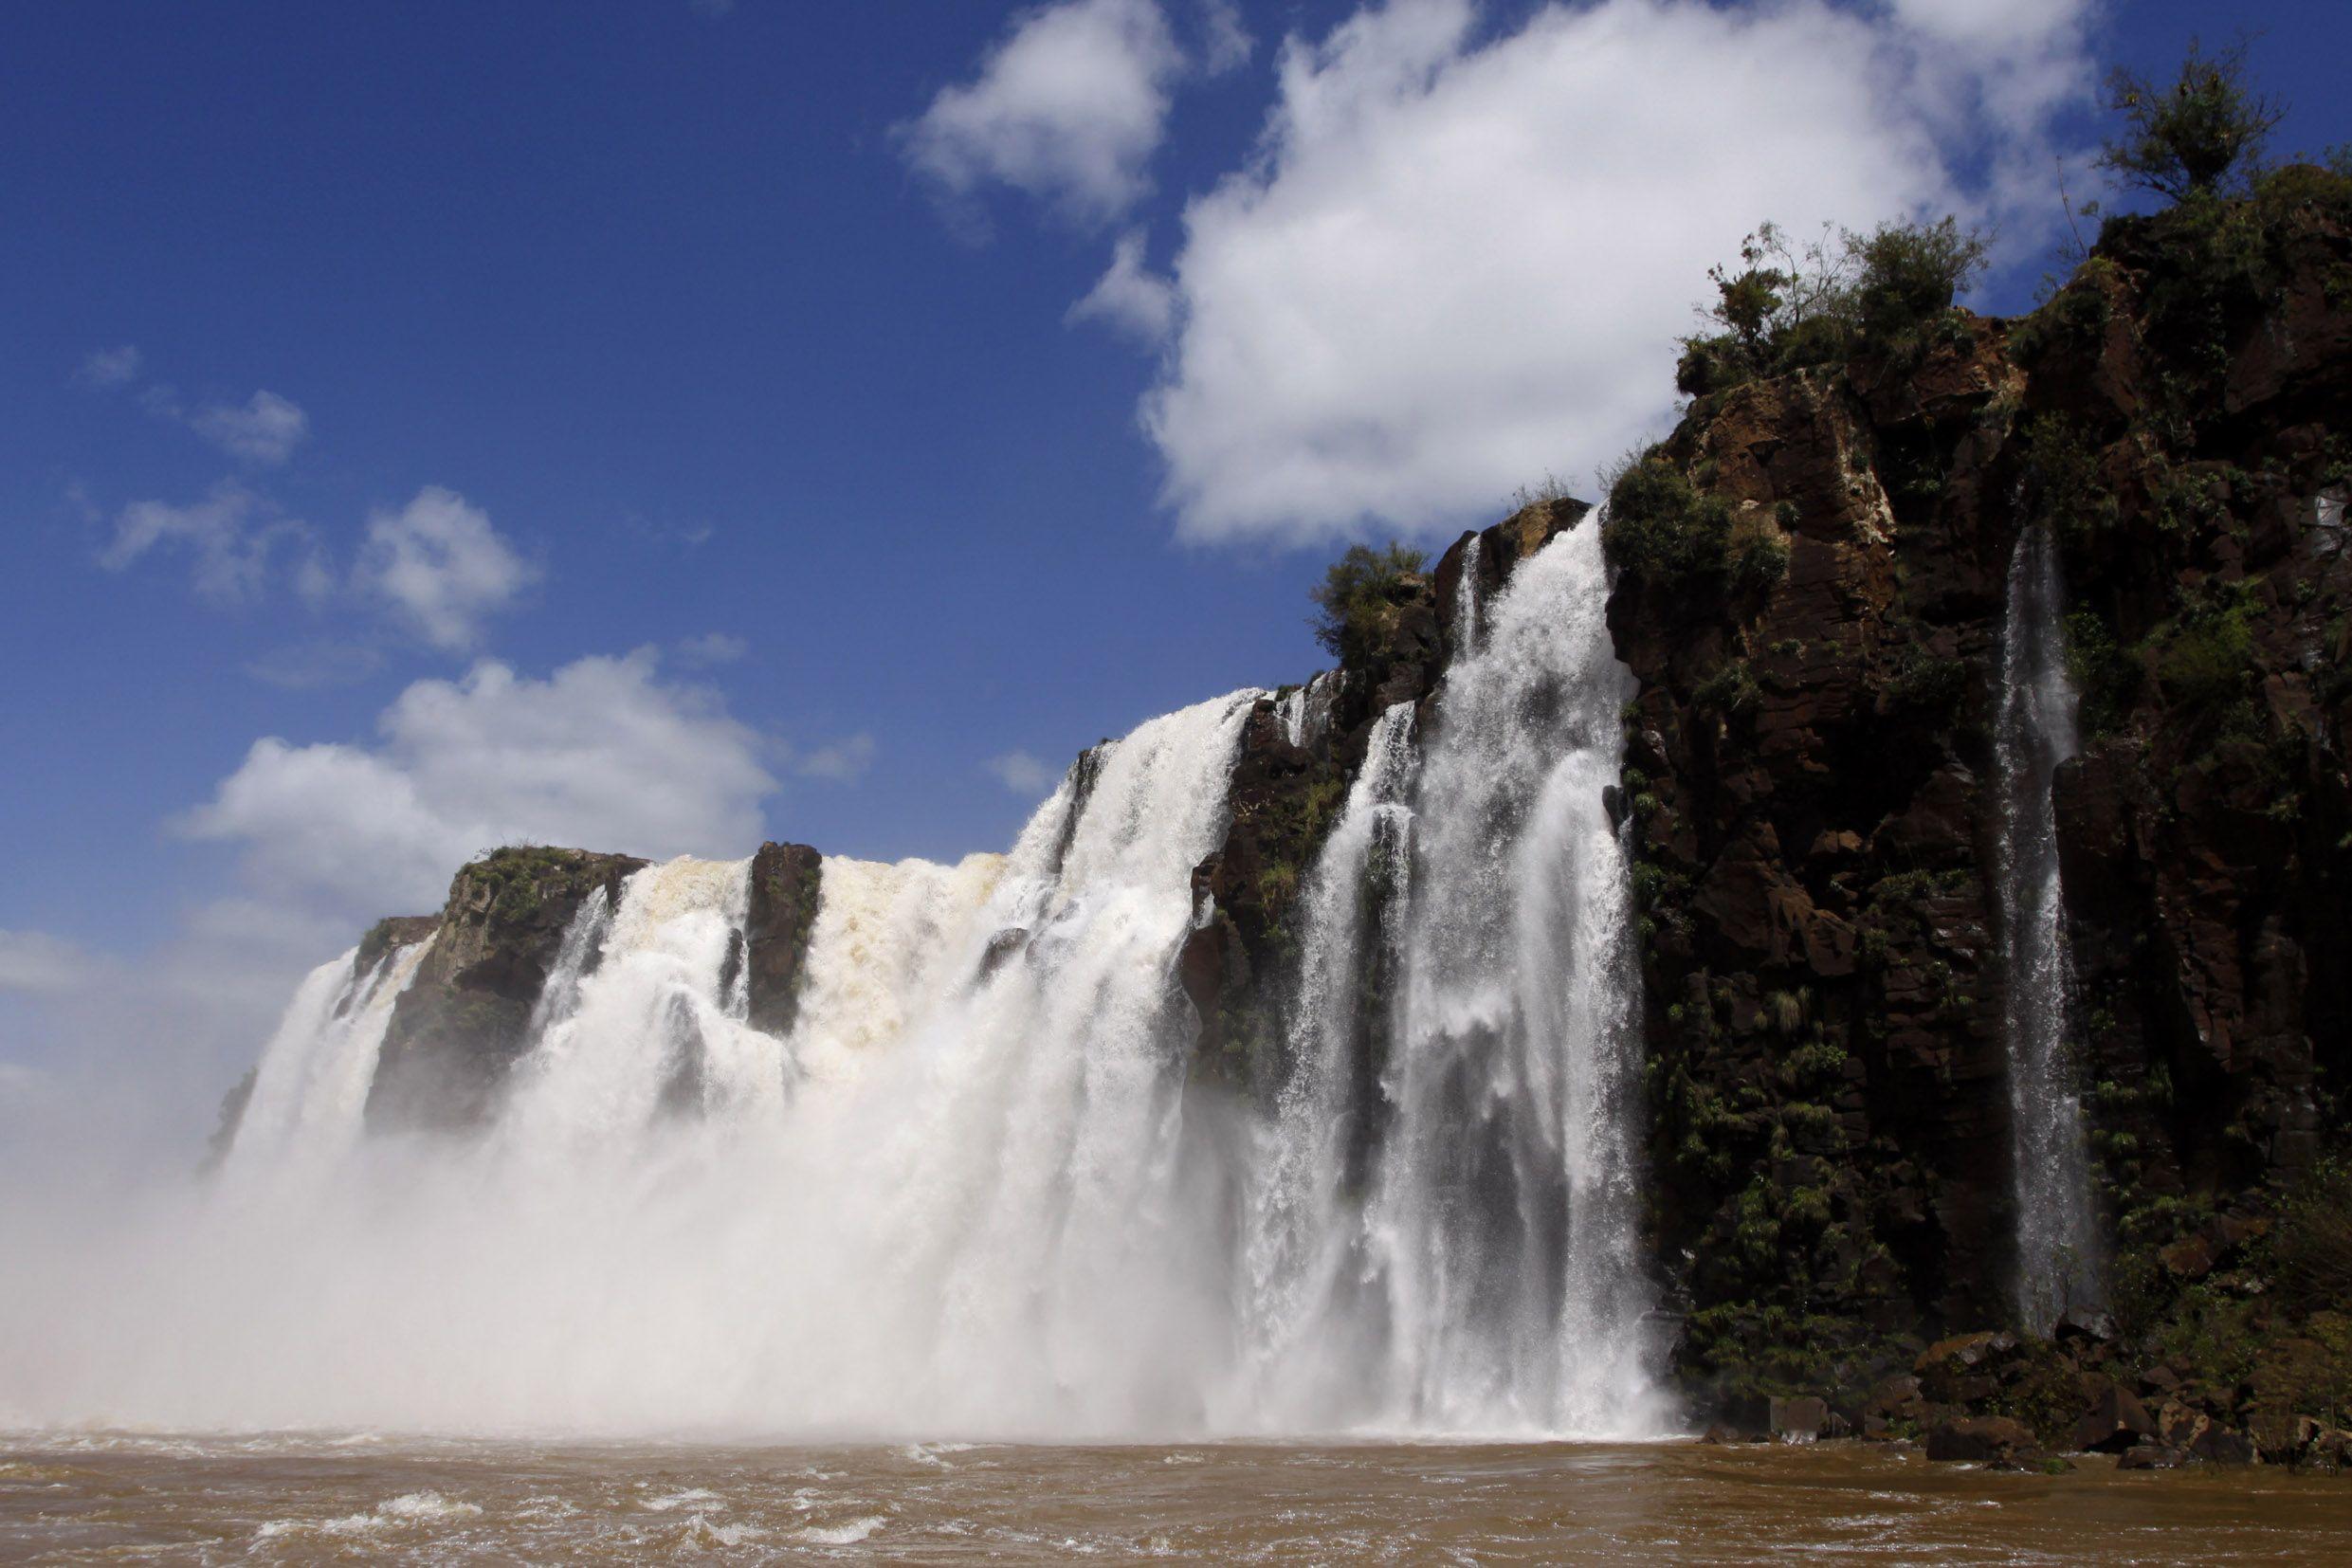 Se calcula que, sólo en julio, más de 150 mil turistas visitarán Cataratas del Iguazú